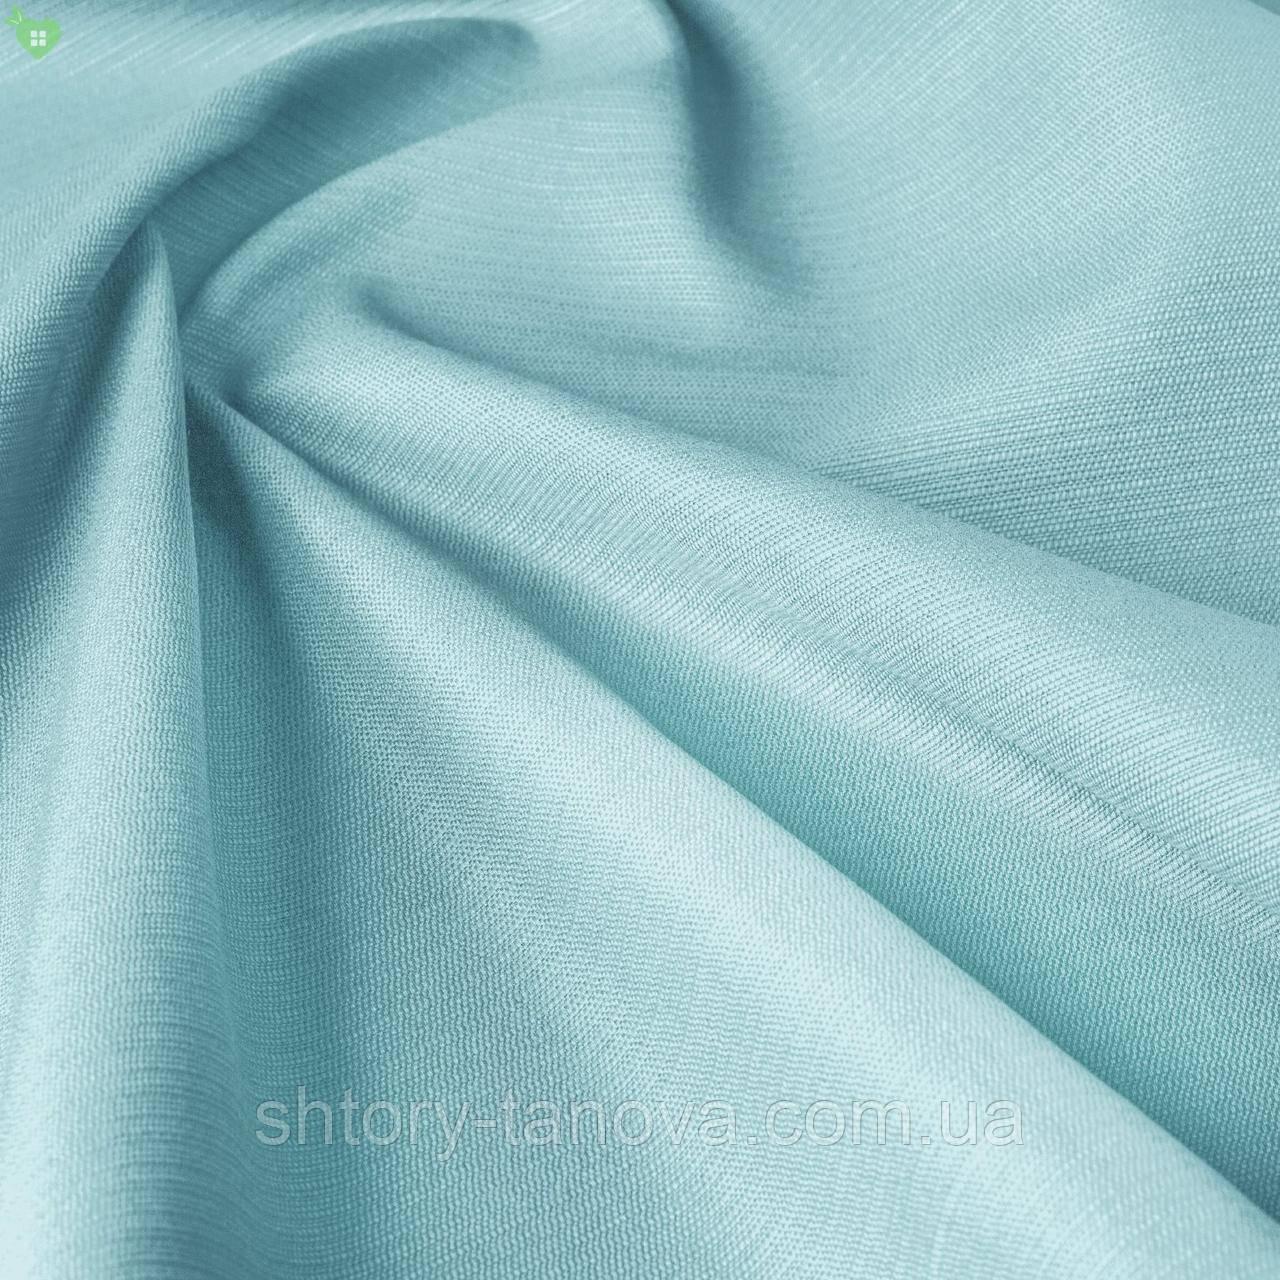 Уличная ткань фактурная голубого цвета с тефлоновой пропиткой